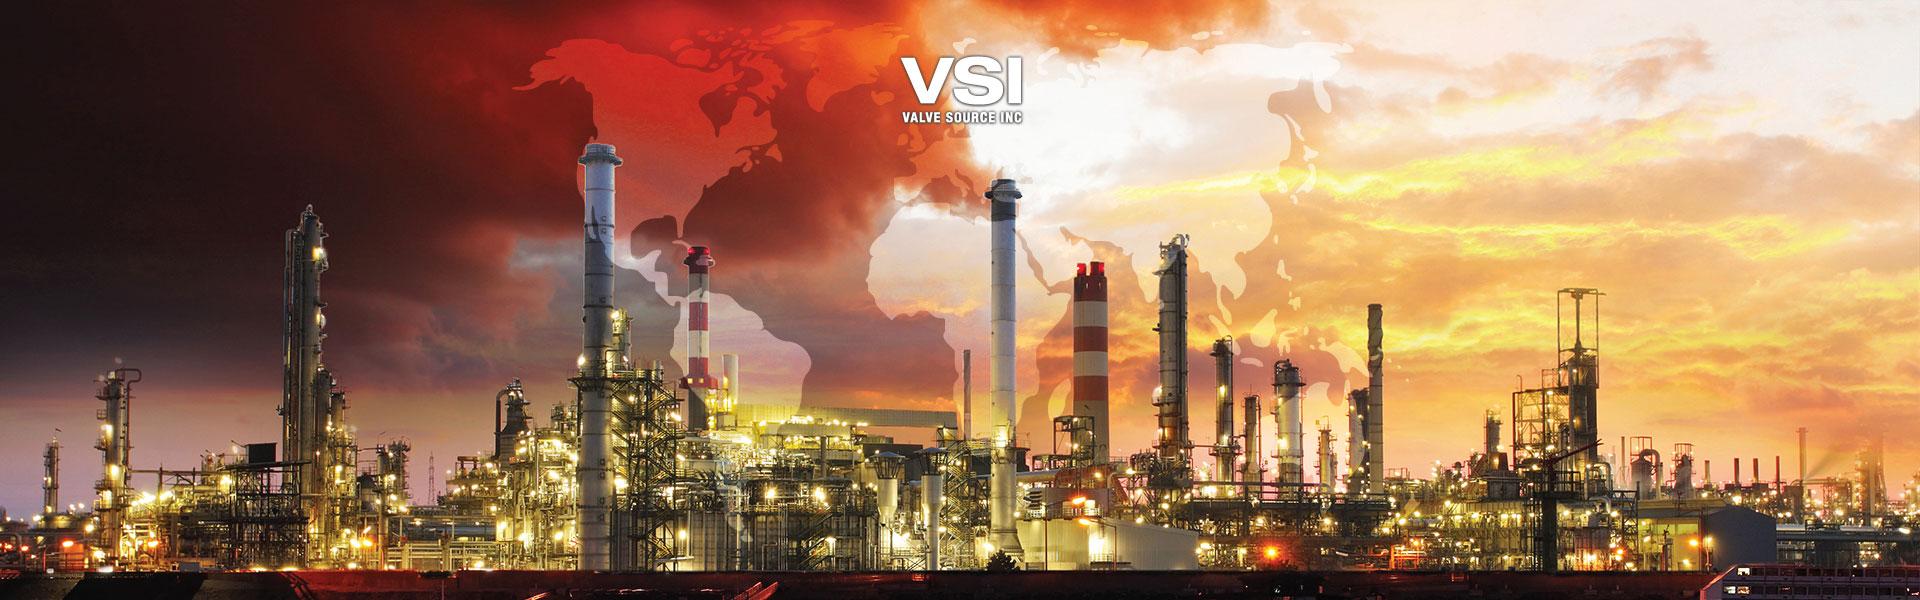 VSI-0_home